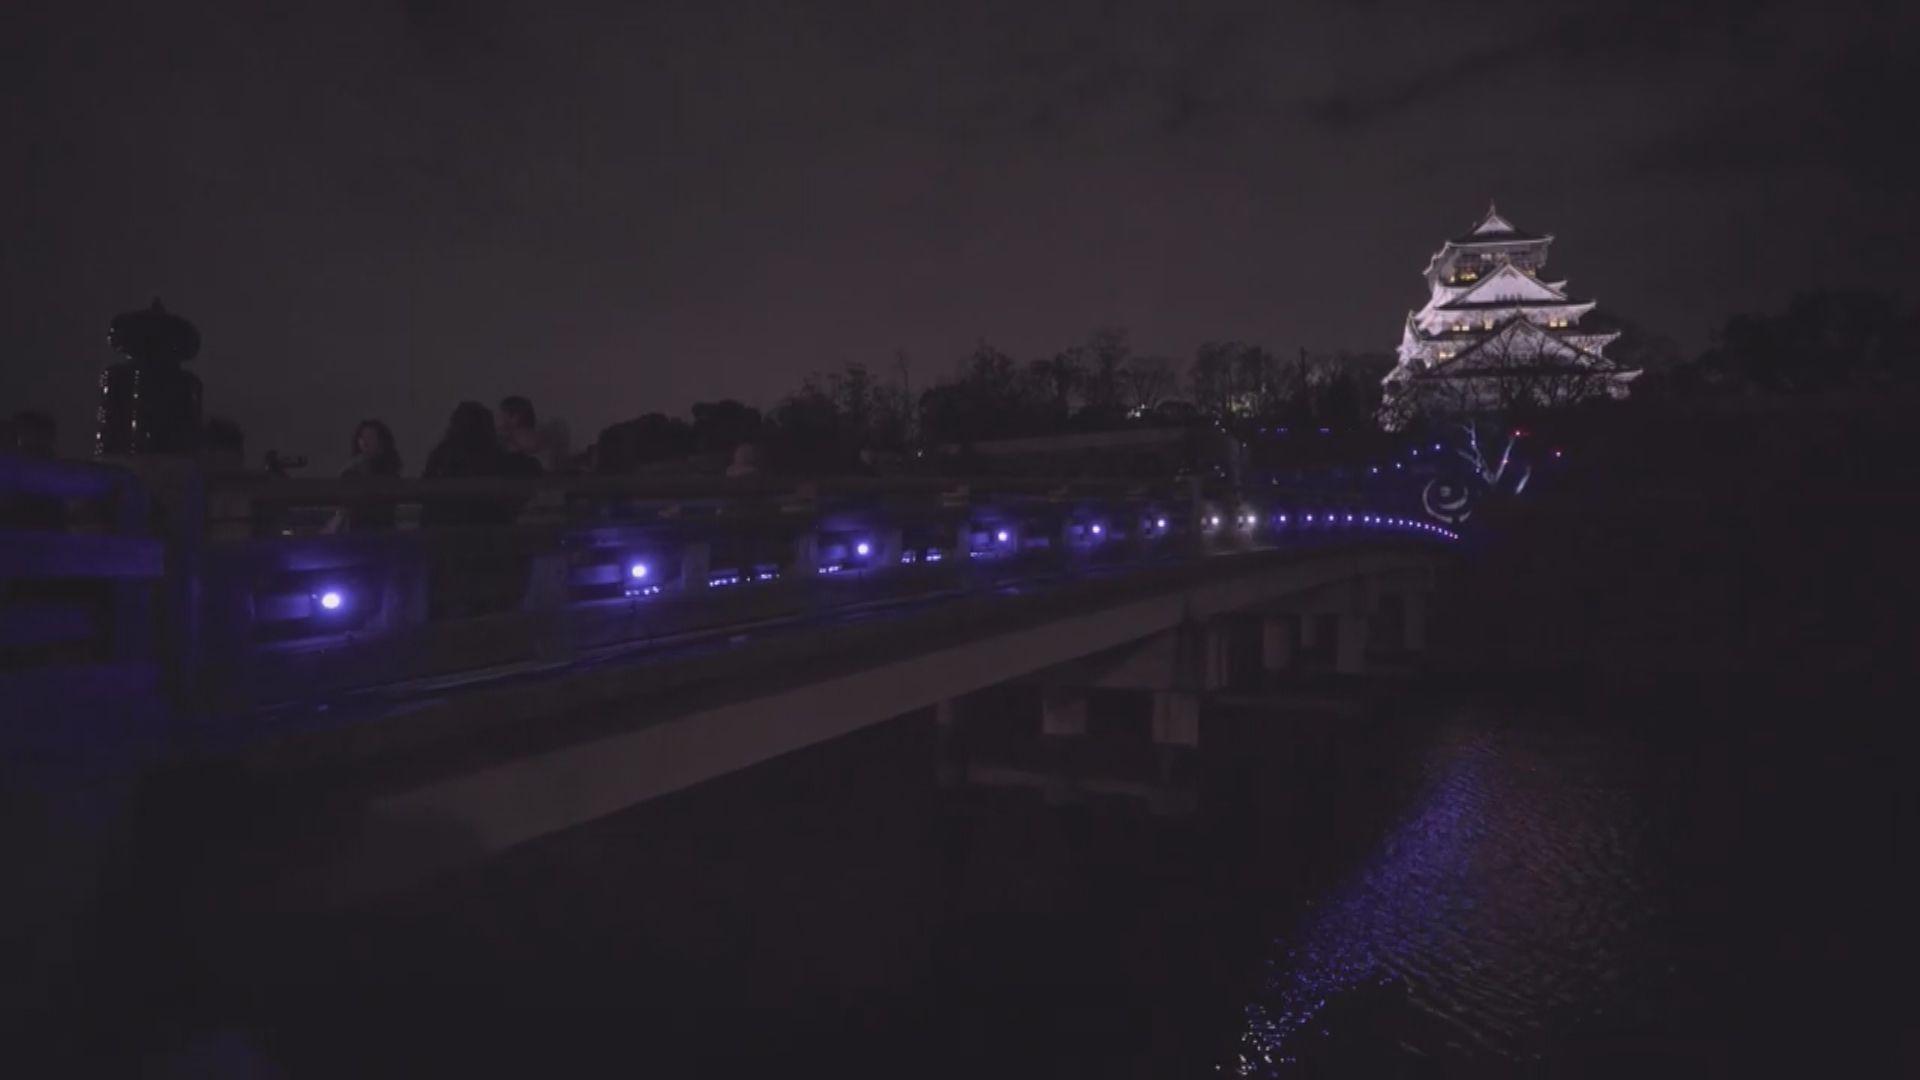 「夜遊大阪城」光影音效帶出夢幻感